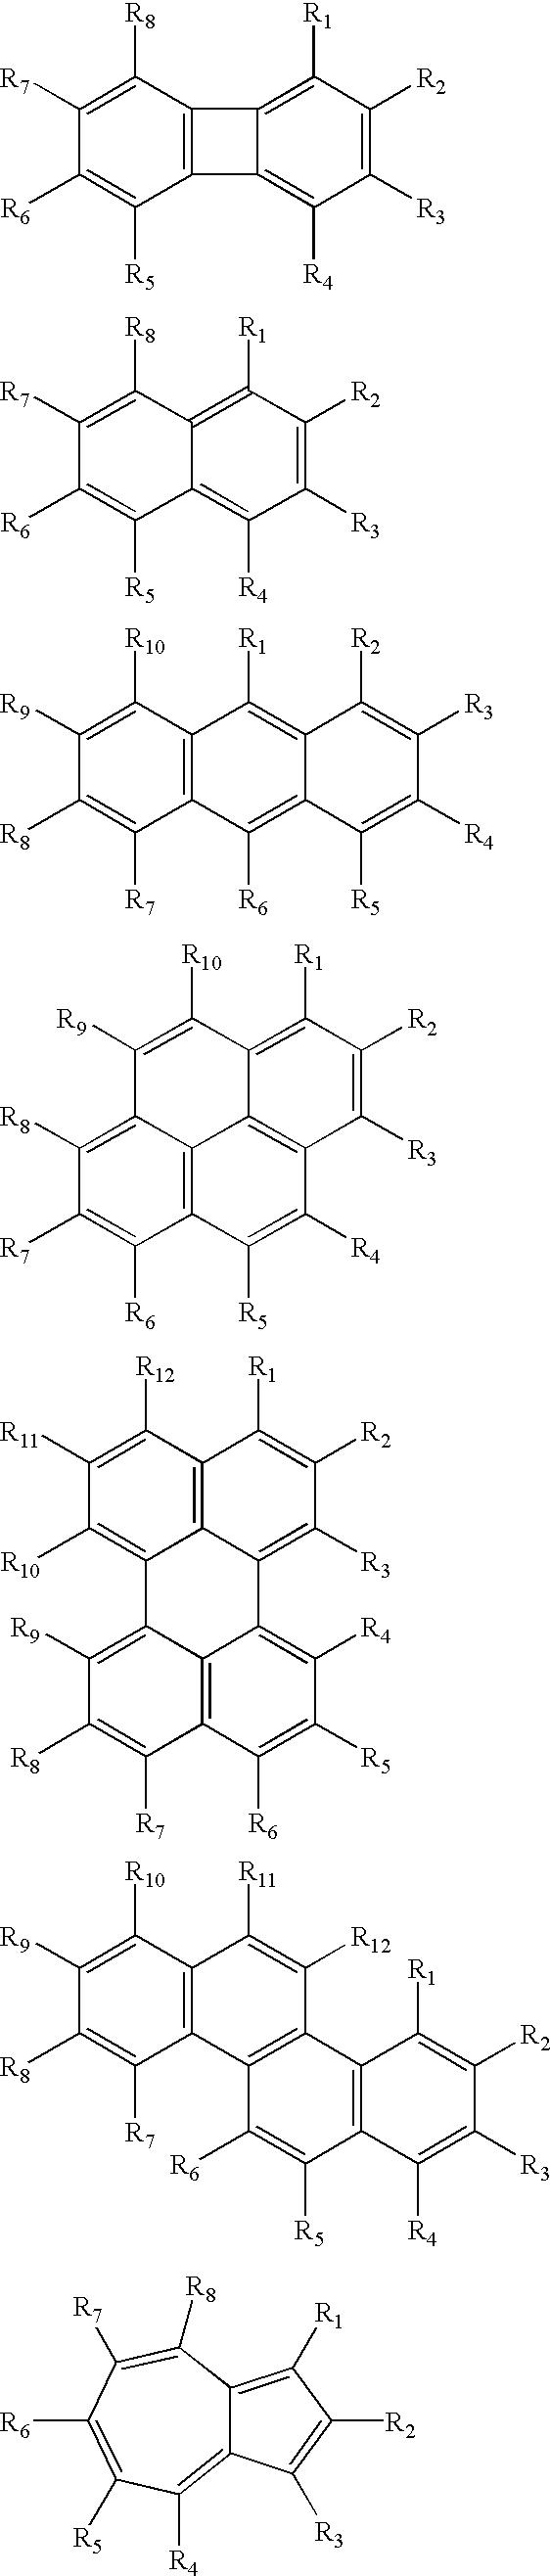 Figure US06765036-20040720-C00007